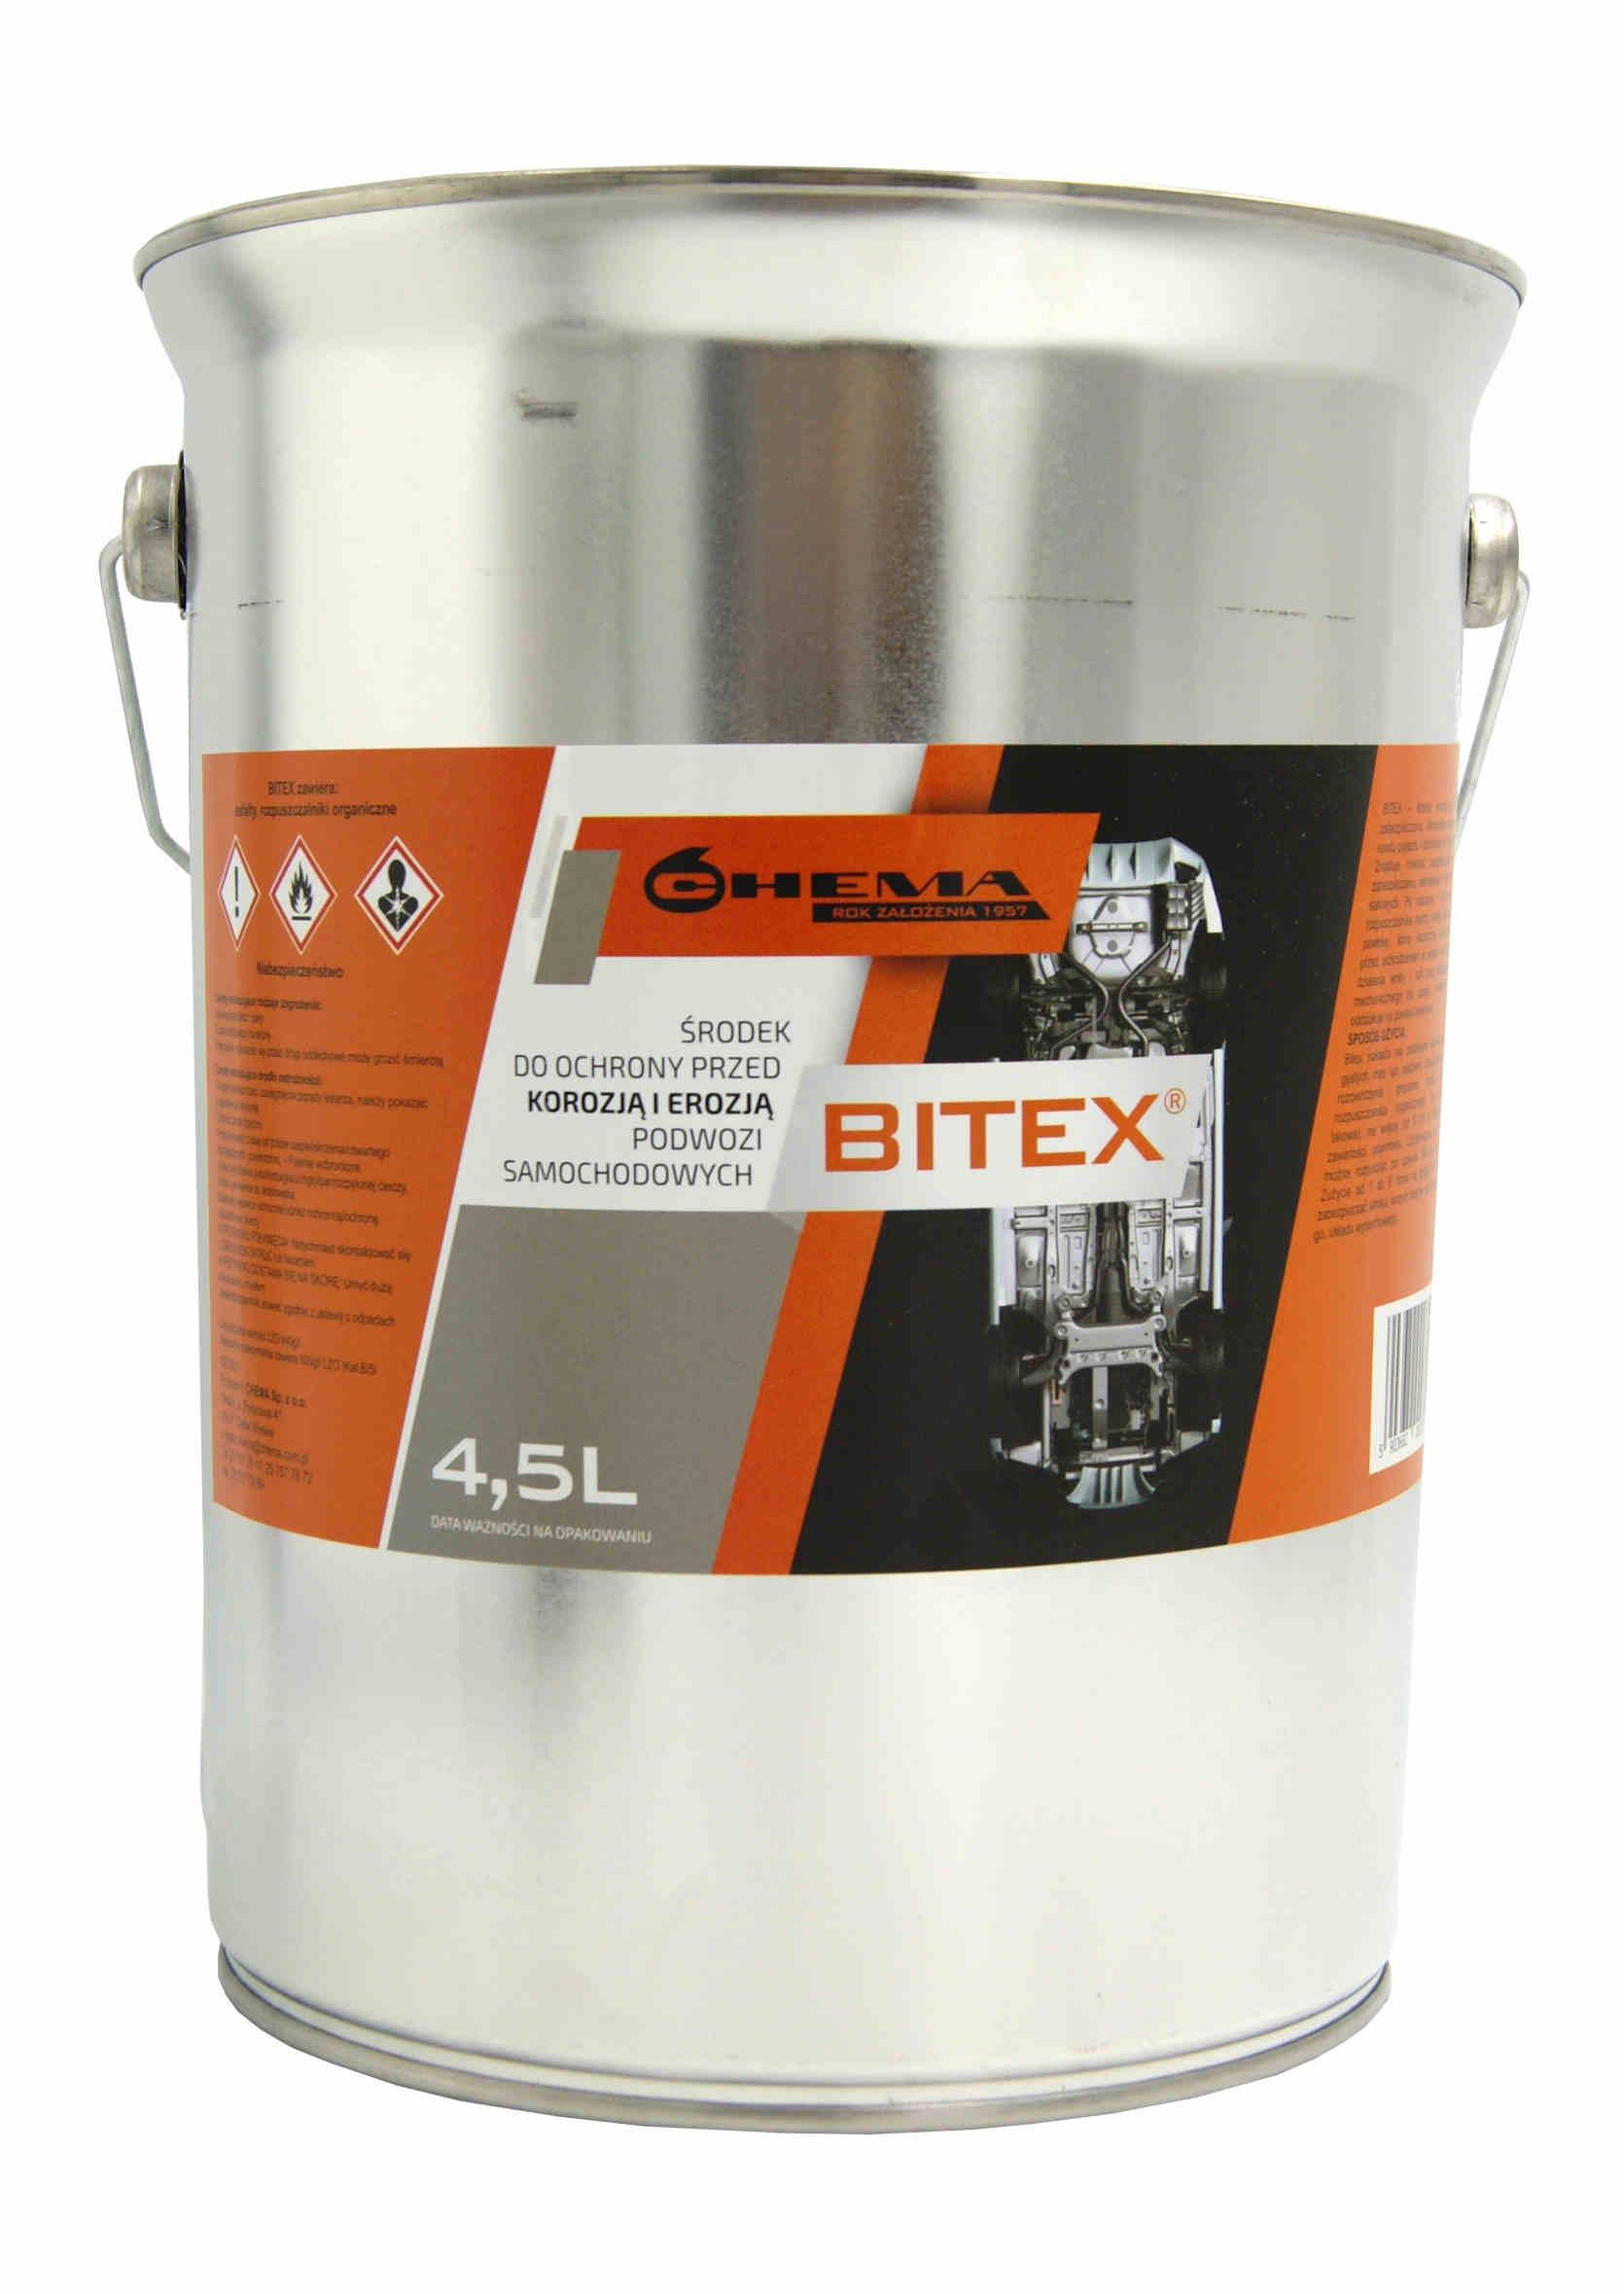 Chema Bitex 4,5L Środek Bitumiczny Antykorozyjny do Konserwacji Podwozia na Pędzel